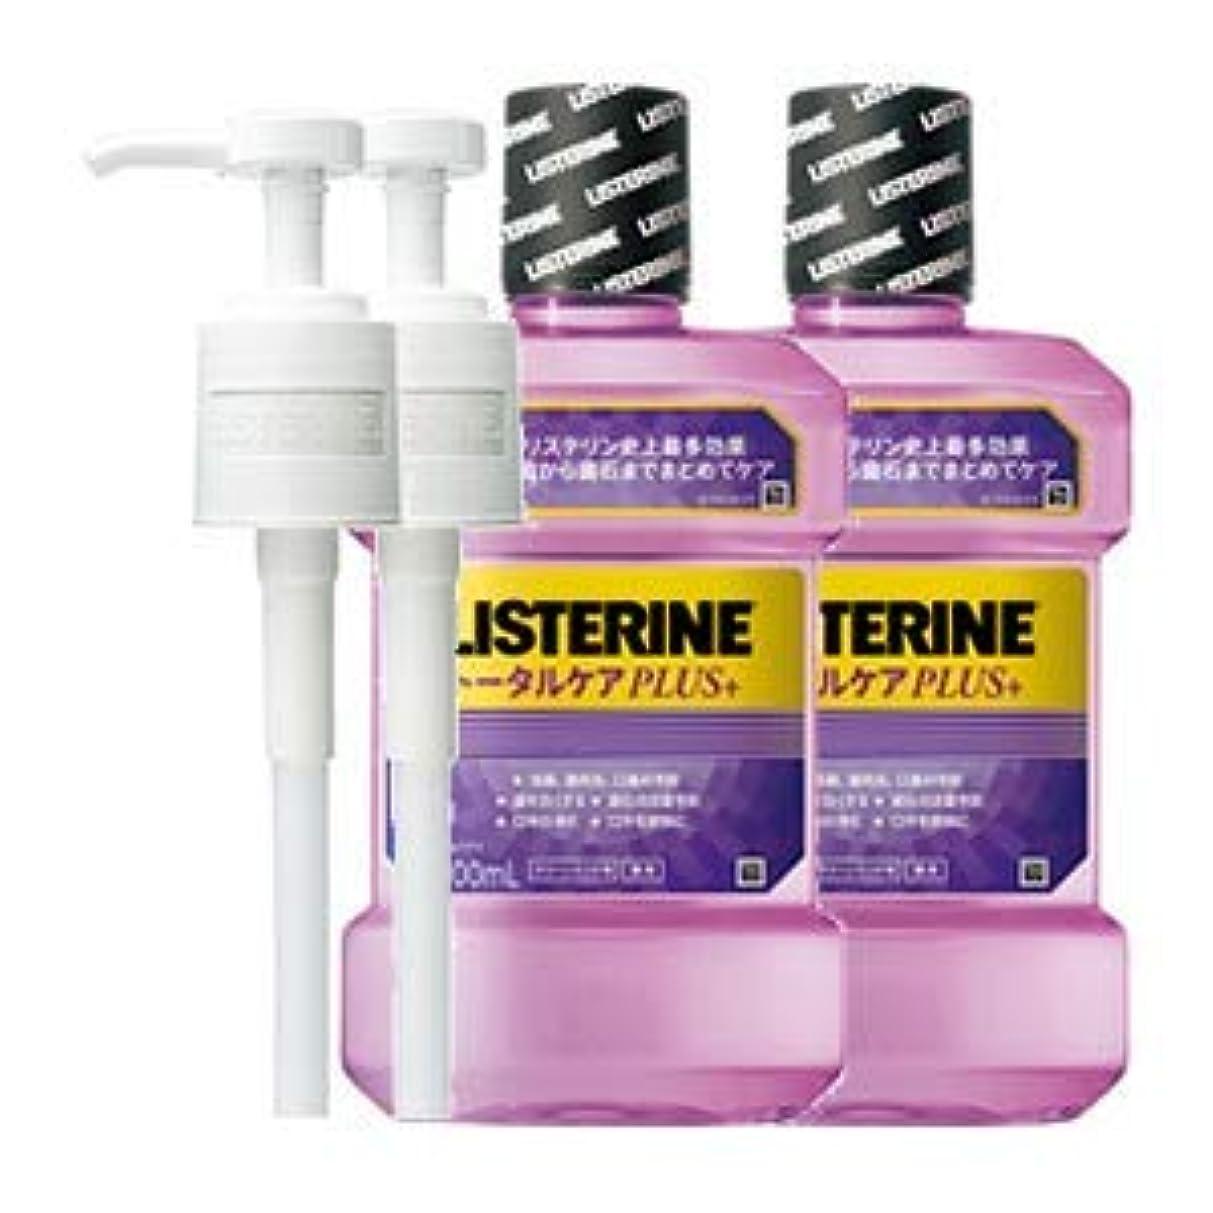 レジ挑む釈義薬用リステリン トータルケアプラス (液体歯磨) 1000mL 2点セット (ポンプ付)